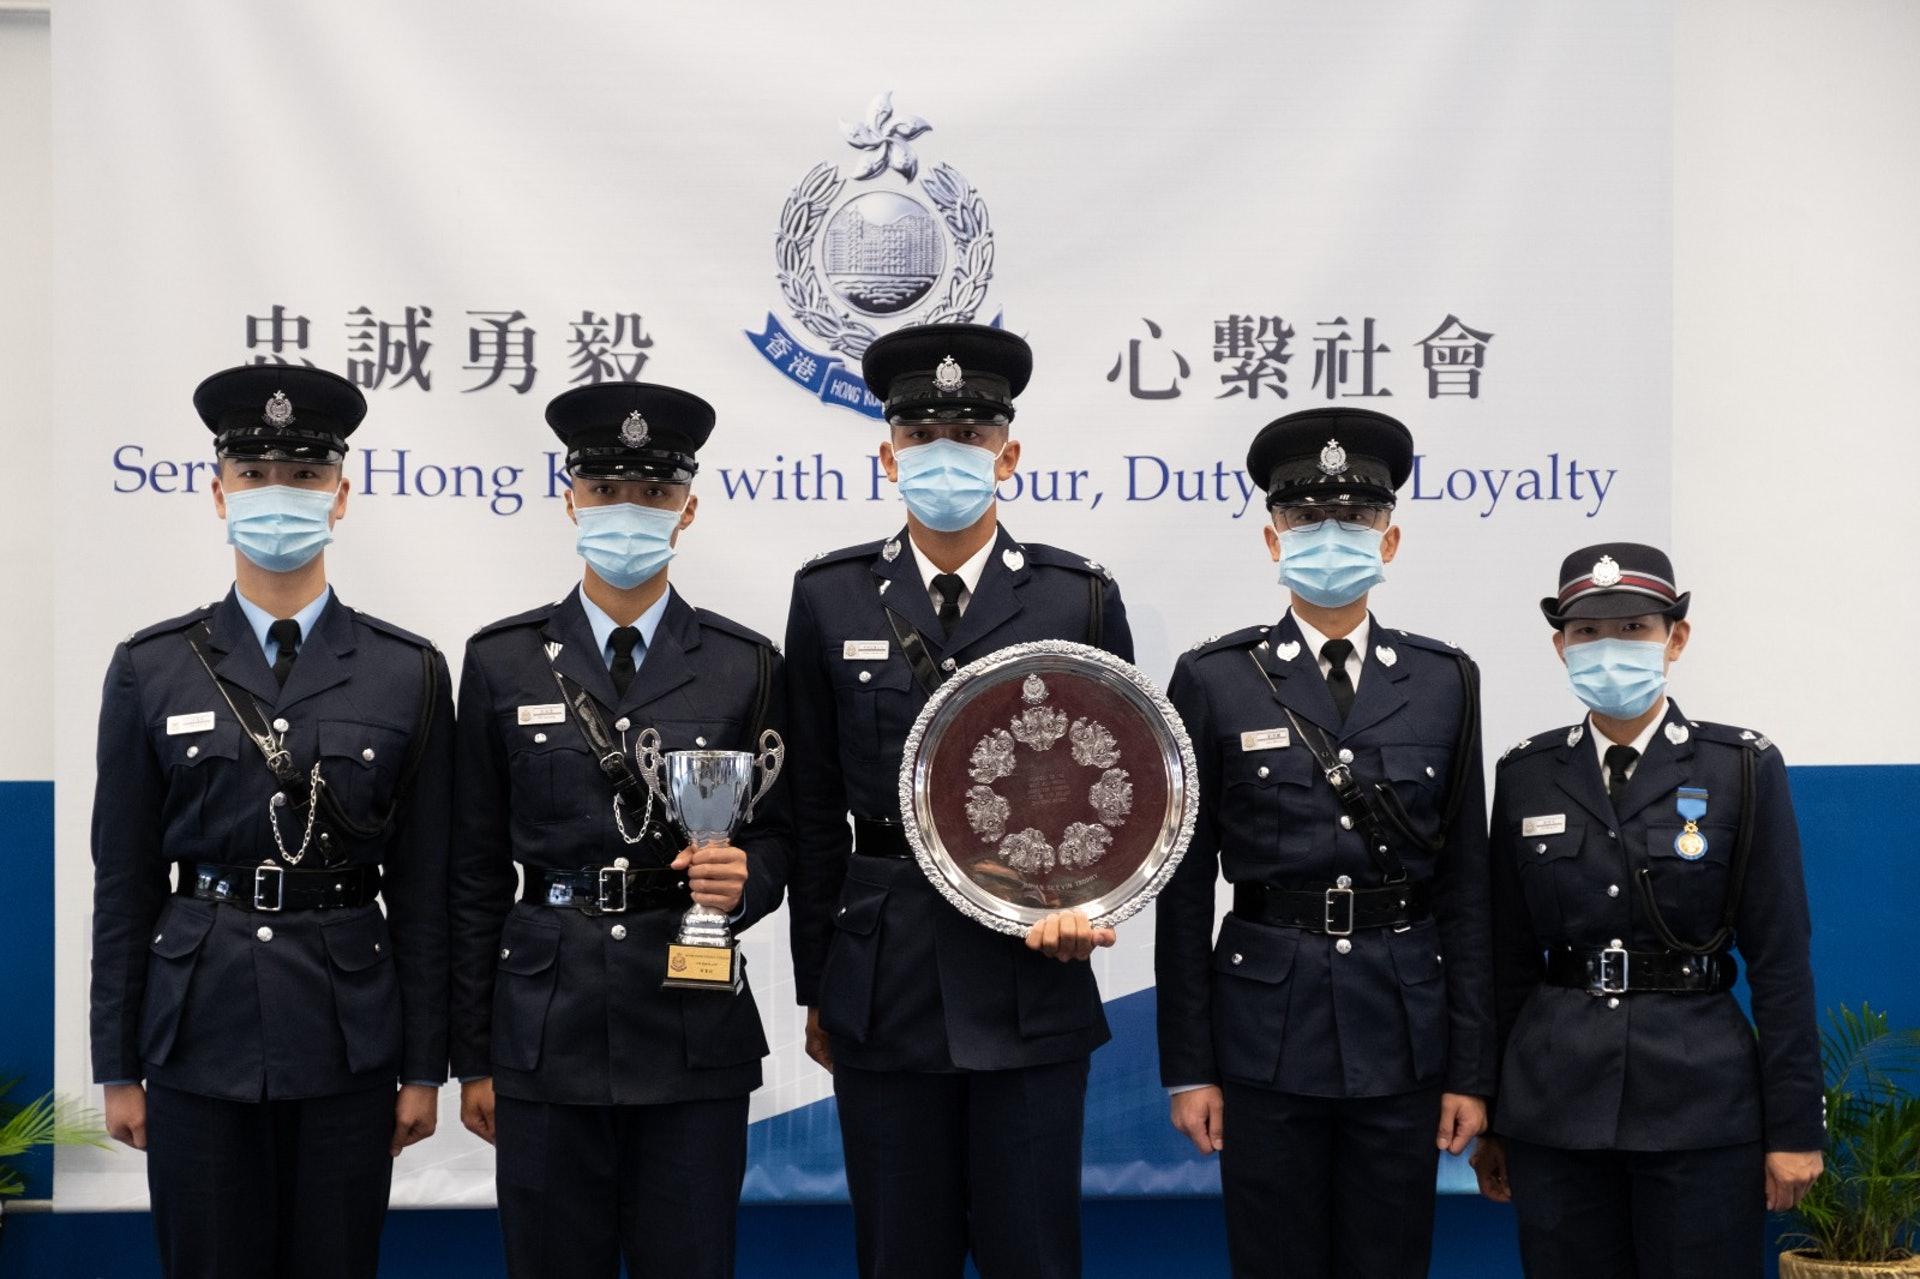 五名畢業督察和警員表示,不擔心在敏感的社會形勢下加入警隊被起底。(梁鵬威攝)